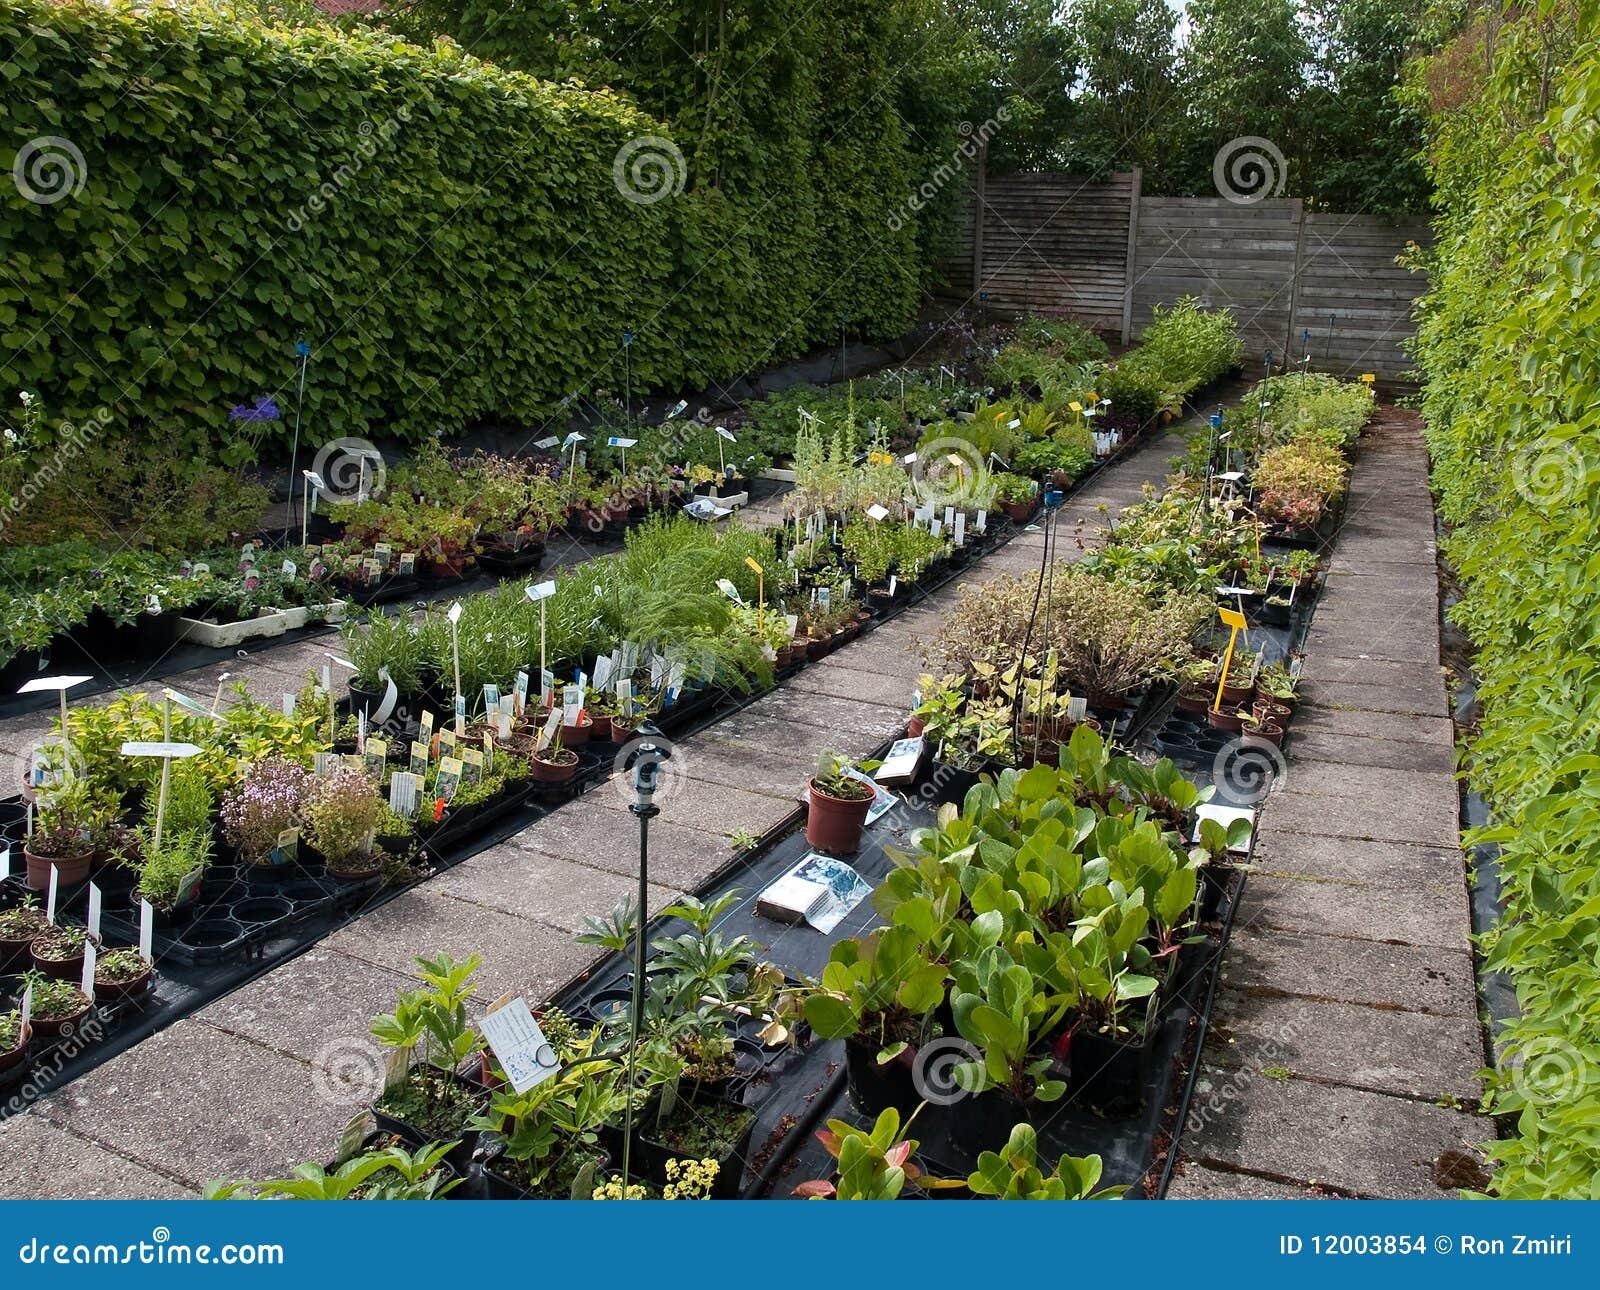 P pini re de centrales de jardin avec l 39 irrigation images stock image - Systeme irrigation jardin ...